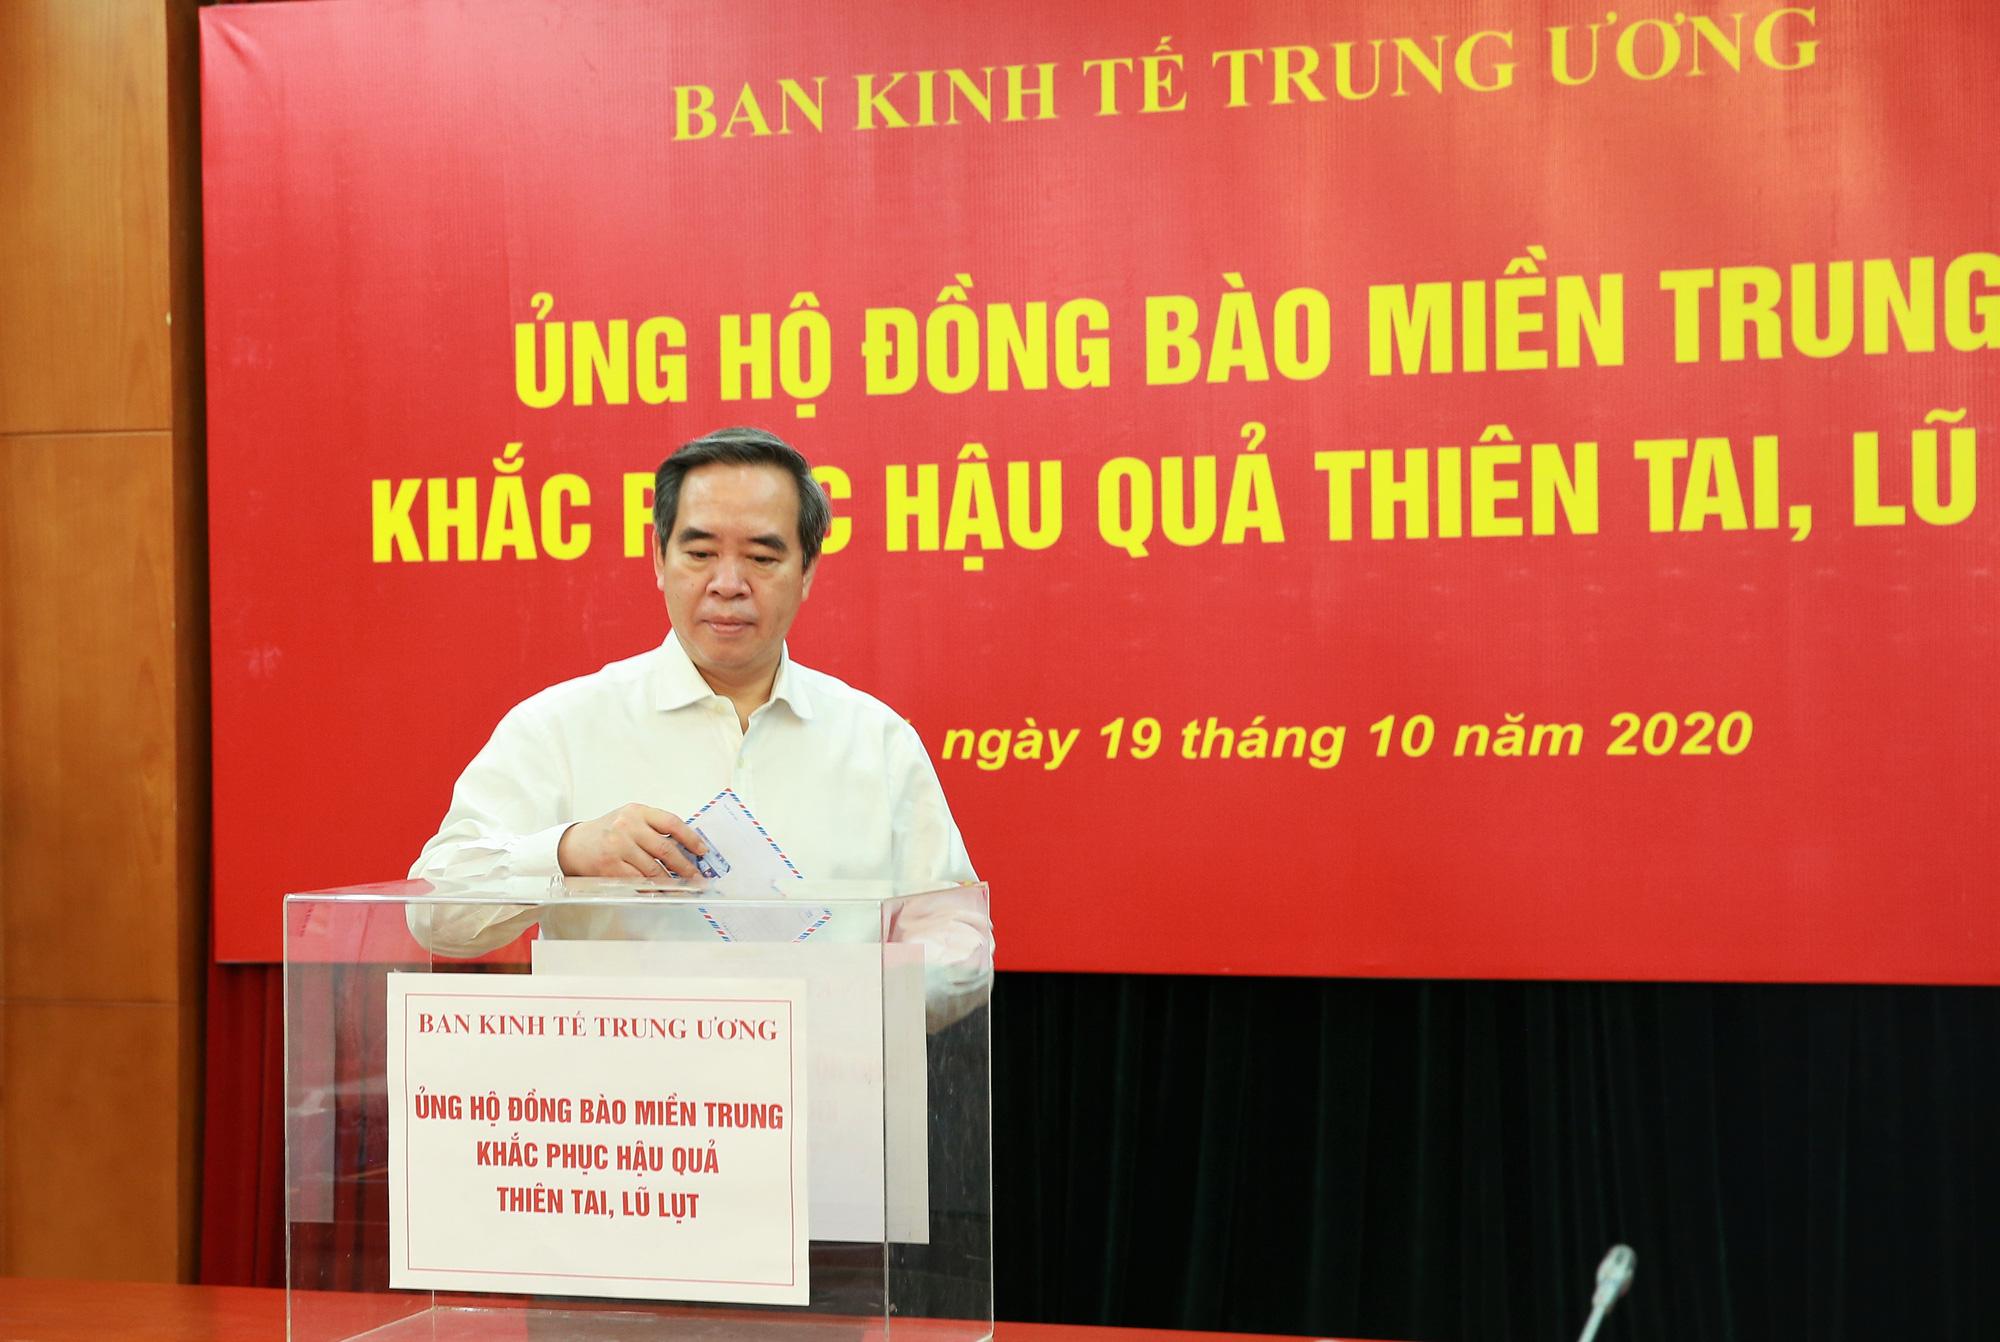 Ban Kinh tế Trung ương tổ chức ủng hộ đồng bào Miền Trung khắc phục hậu quả thiên tai, lũ lụt - Ảnh 1.